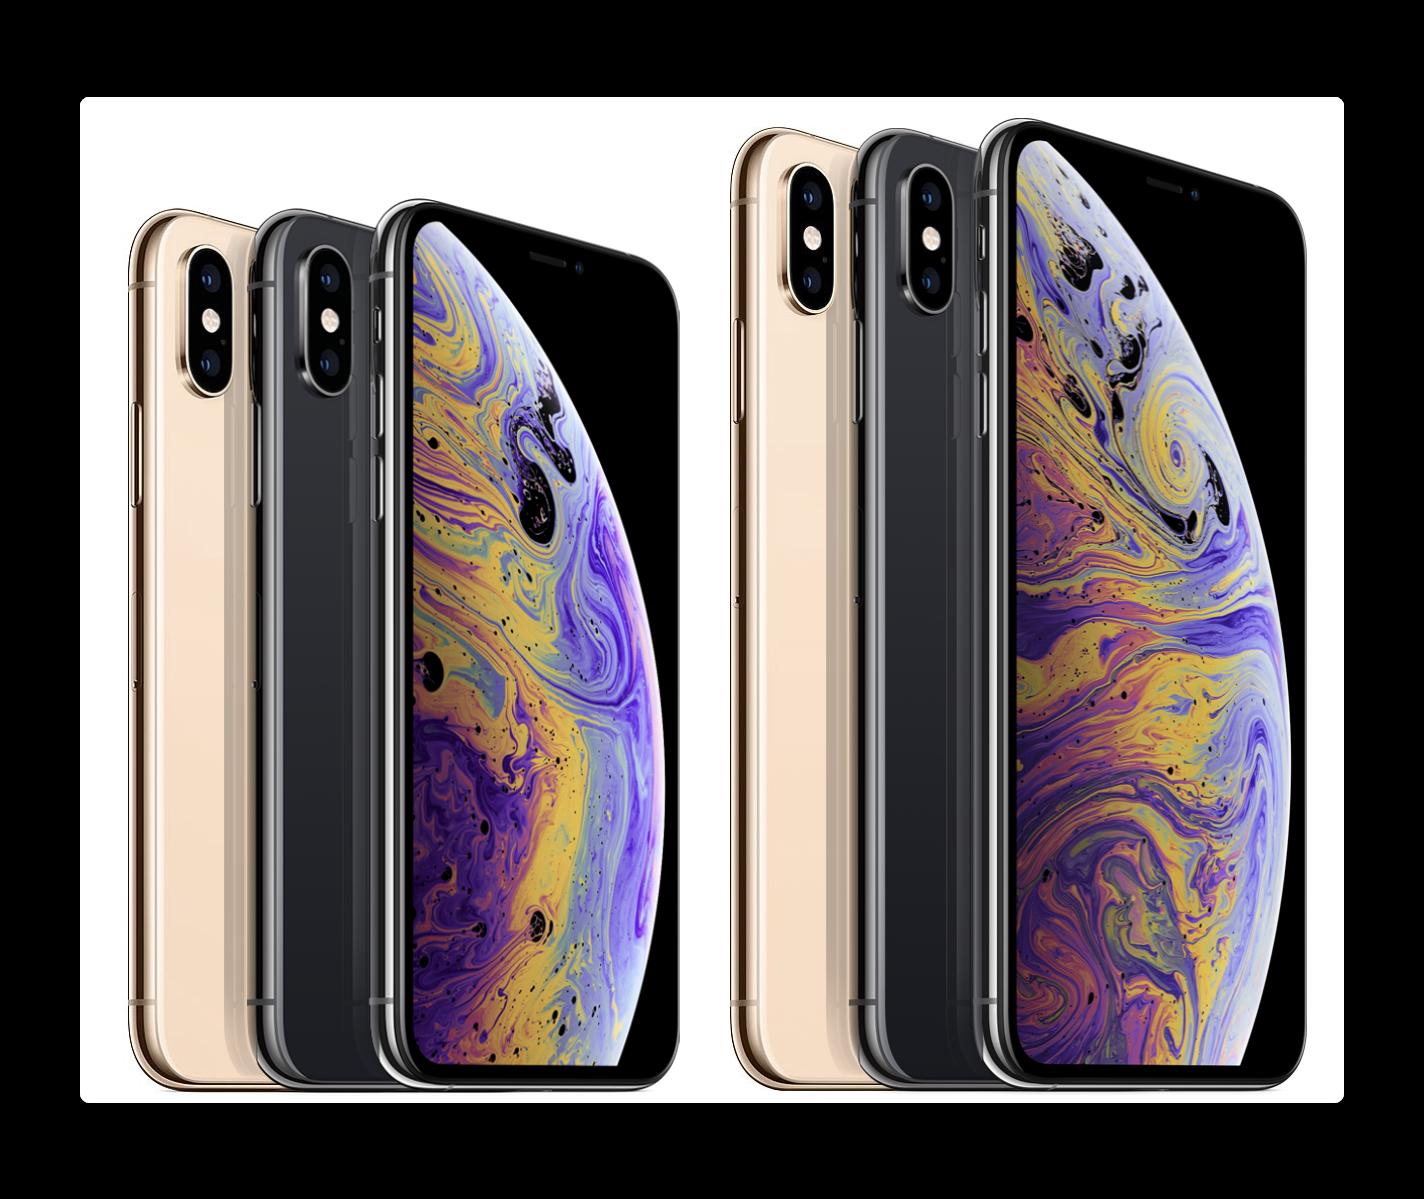 コンシューマーレポートは、iPhone XS/XS MaxはiPhone Xよりバッテリの持ちが向上しているとの結果が